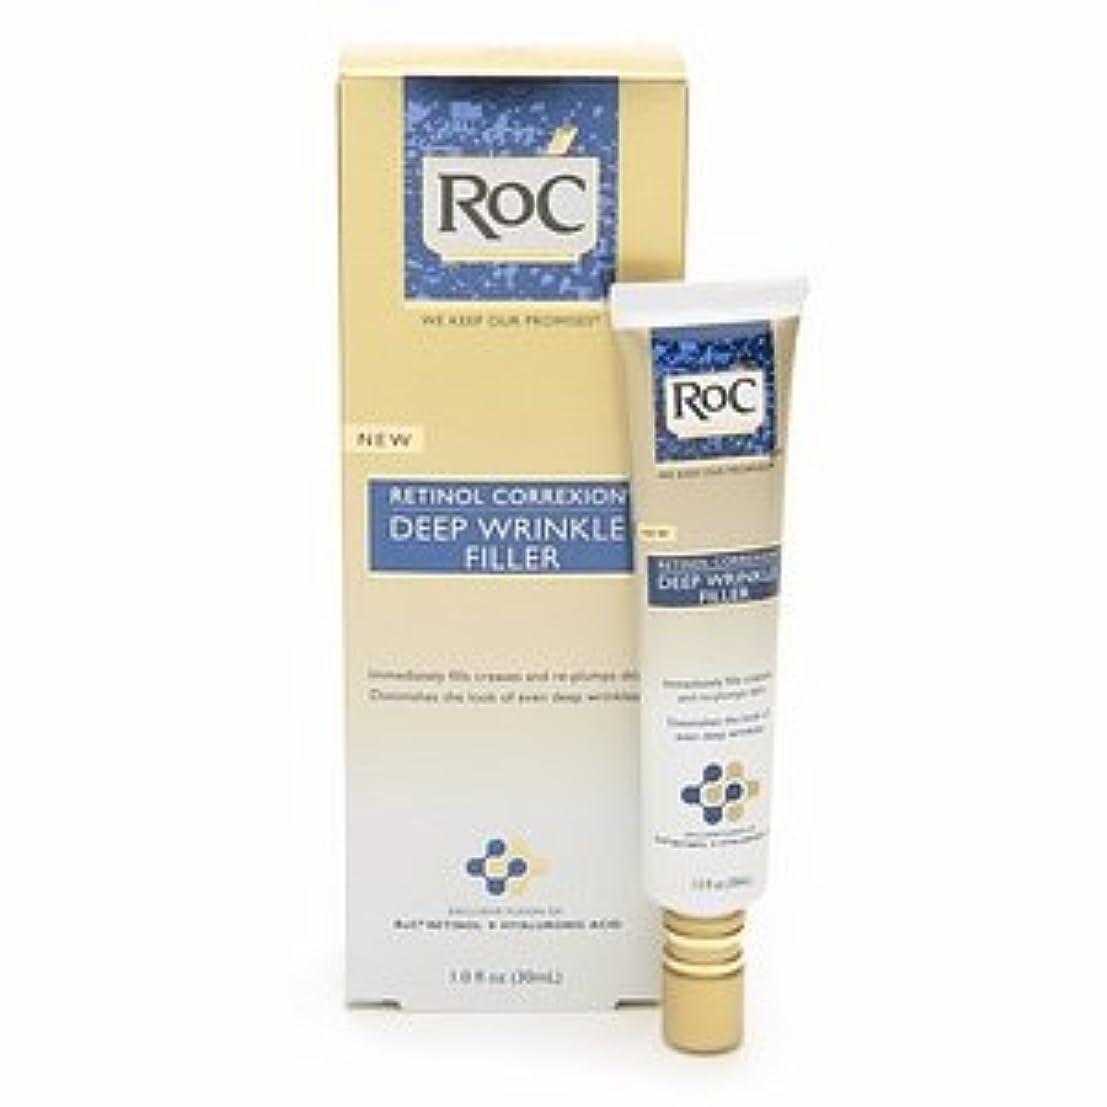 いとこブラウン影響するRoC レチノール コレクション ディープリンクル フィラー RoC Retinol Correxion Deep Wrinkle Filler